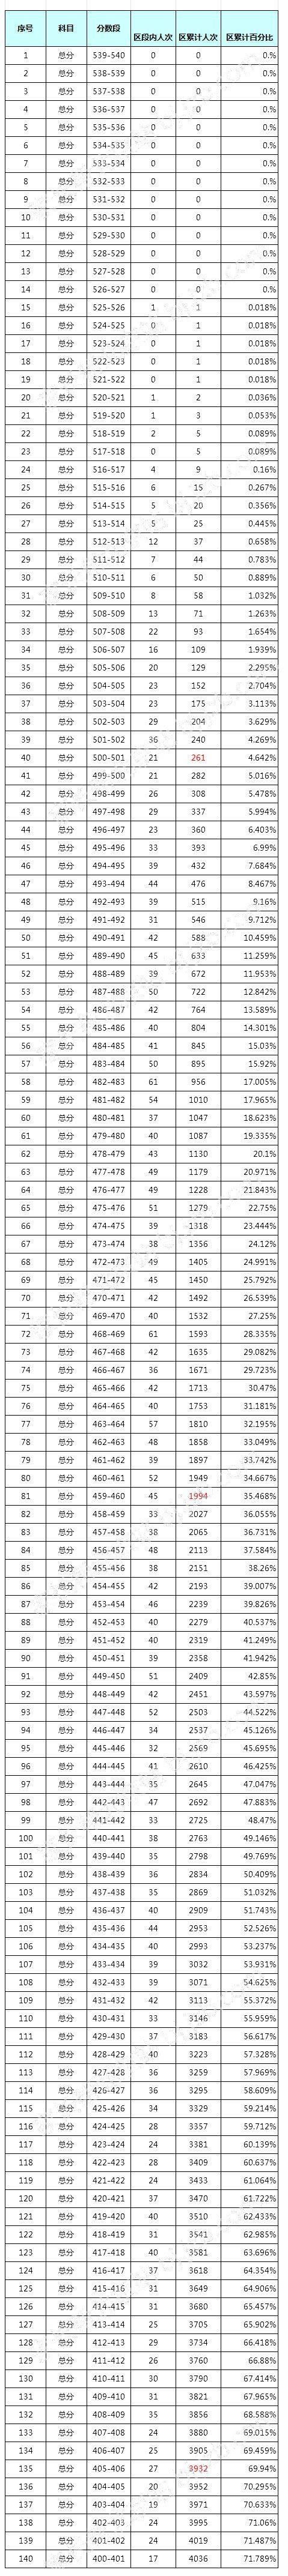 2016年1月东城区初三上期末考试分数段及人数统计